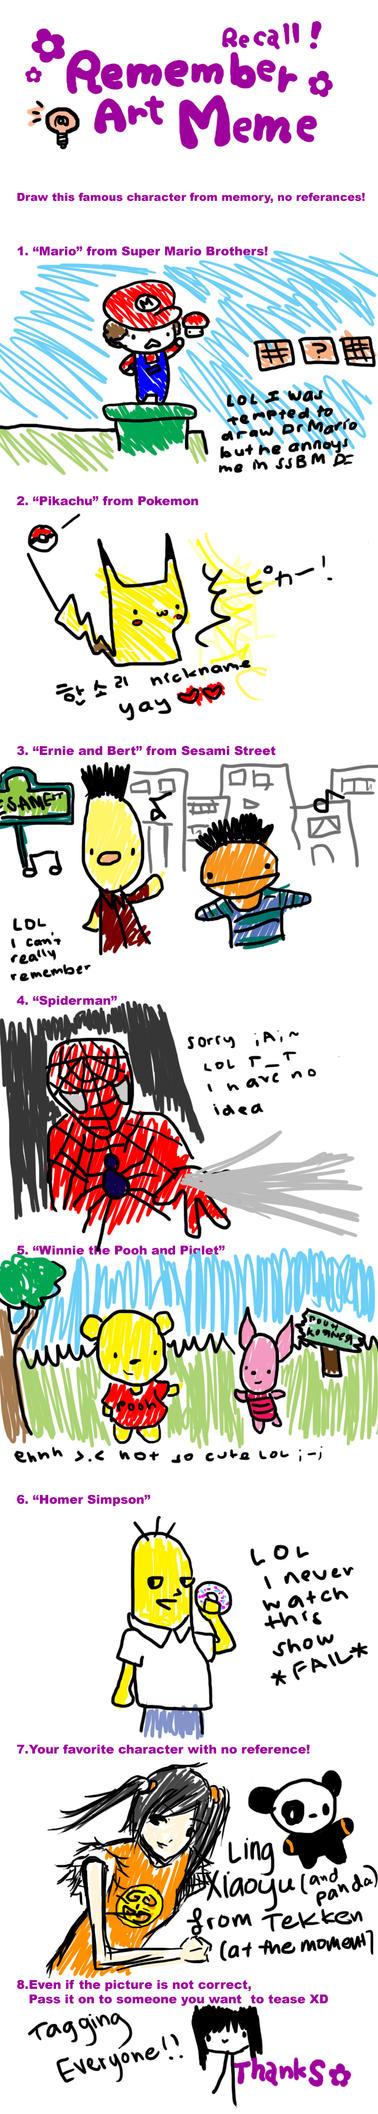 Remember Meme by akenon